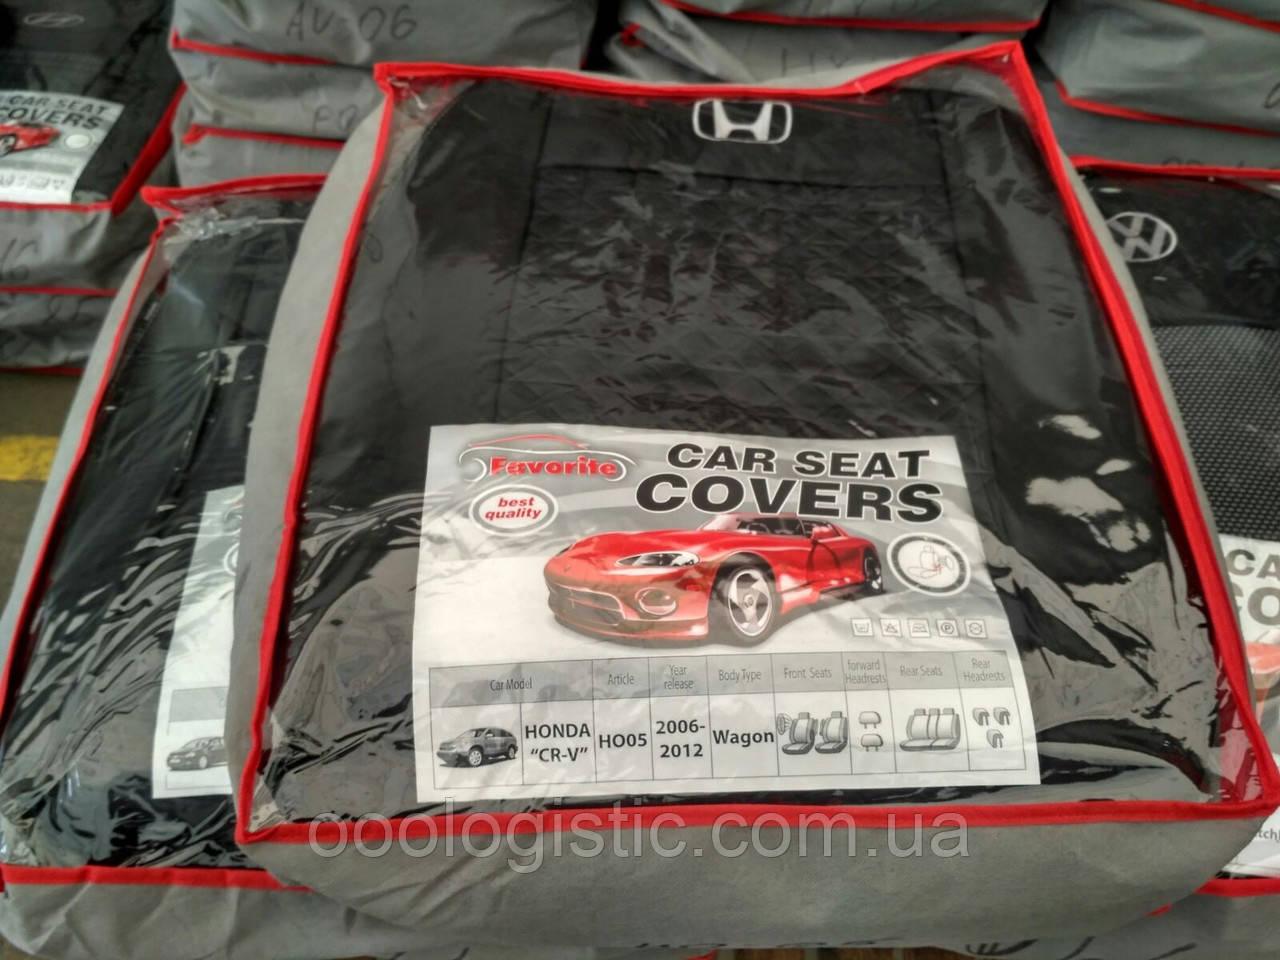 Авточехлы Favorite на Honda CR-V 2006- 2012 wagon,Хонда CR-V 2006-2012 года вагон